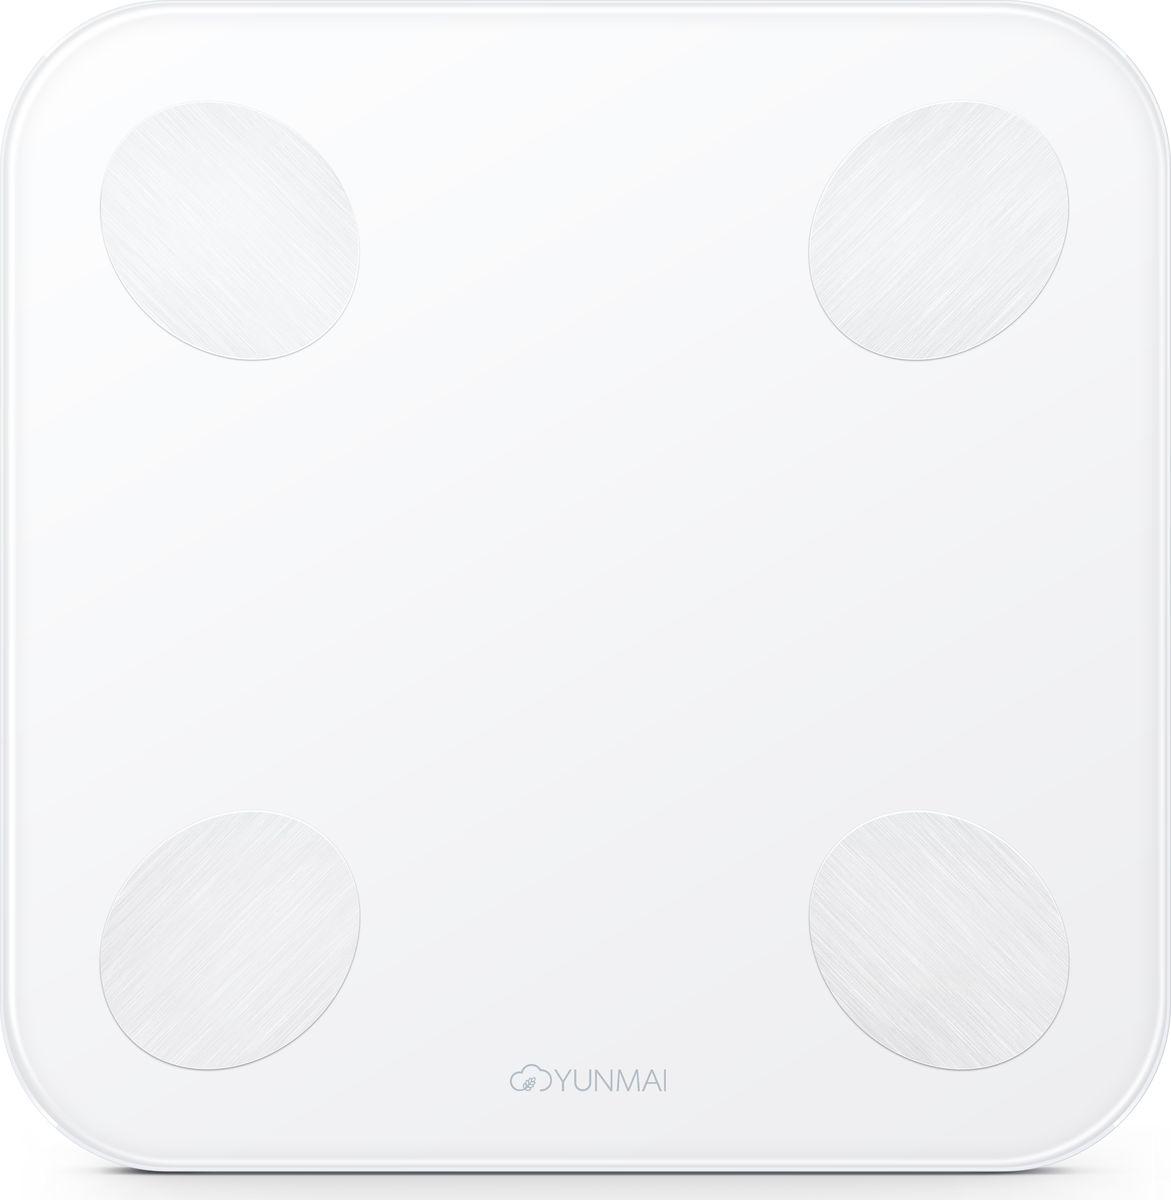 Напольные весы Yunmai Balance, White